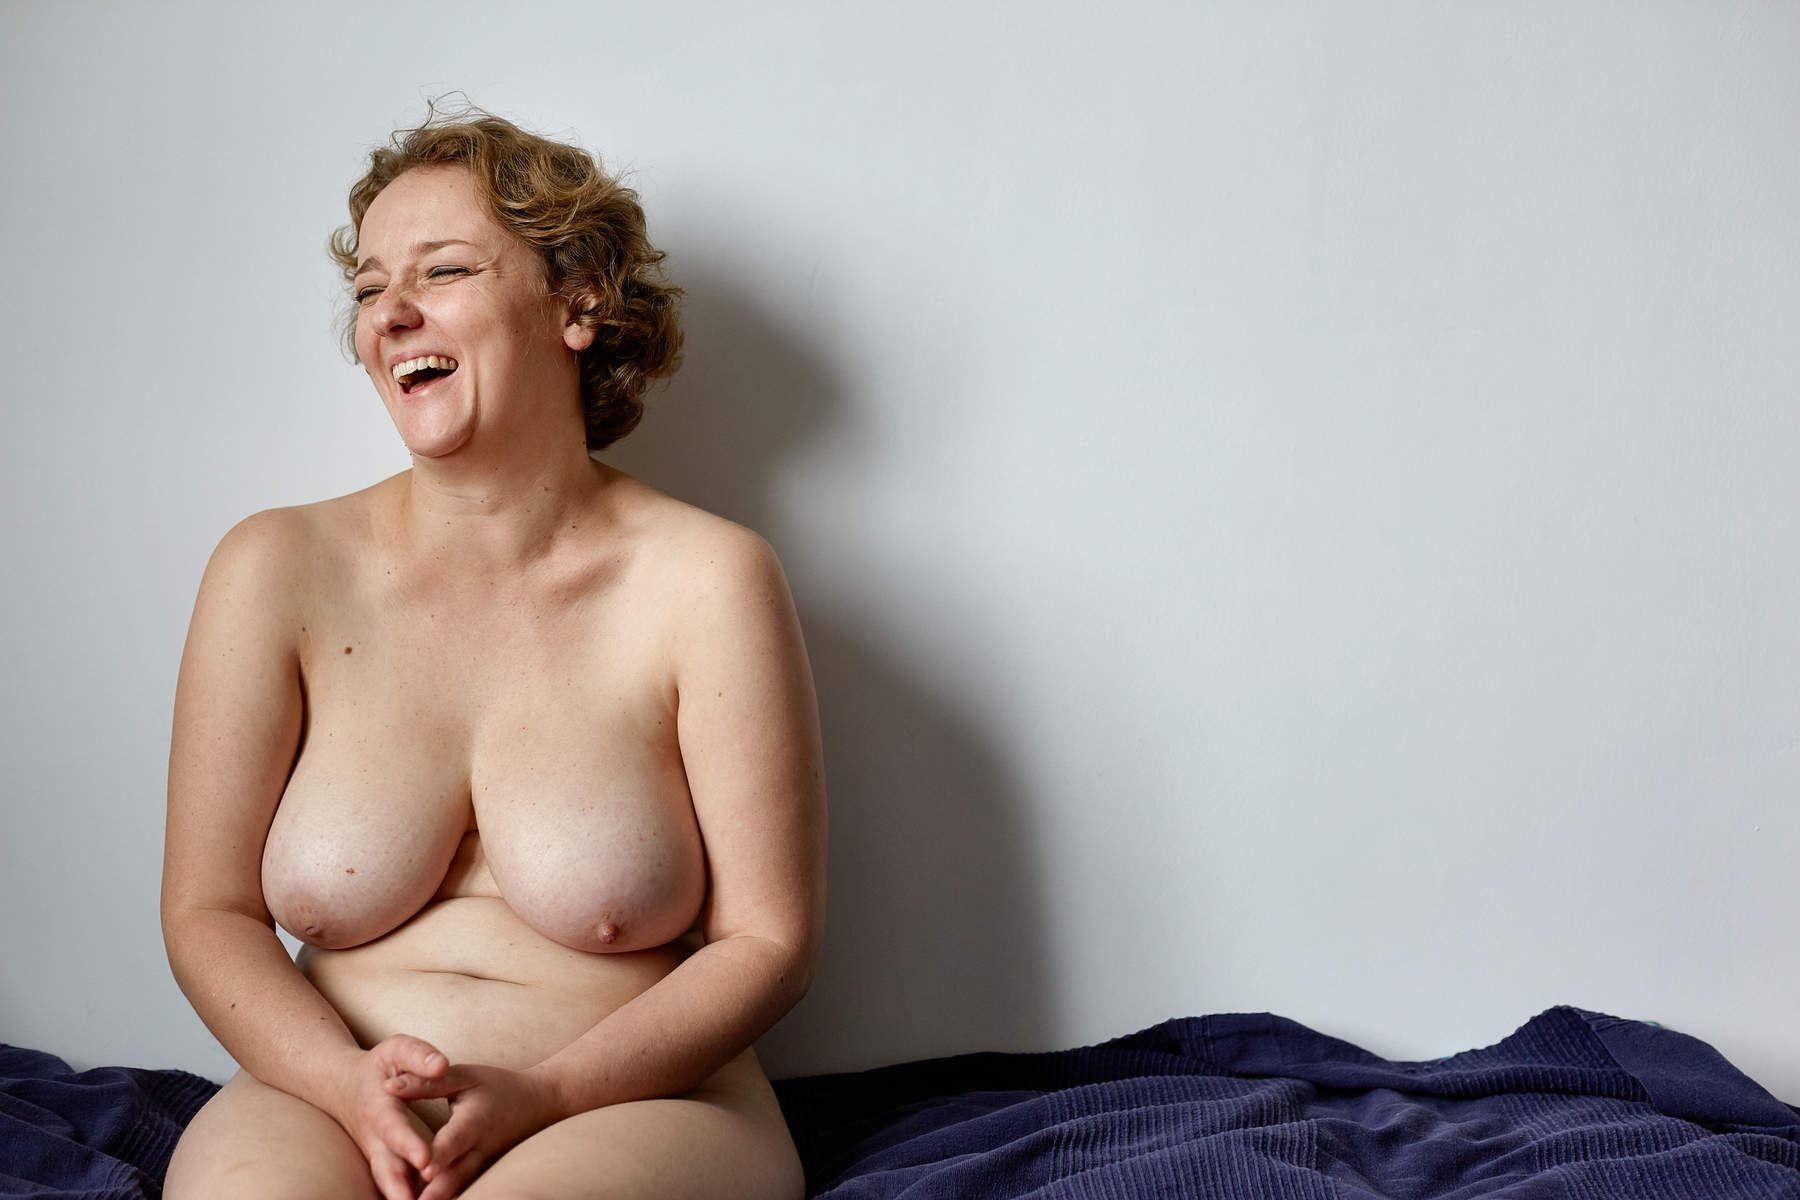 Nackt zeigen normale frauen sich Normale Nackte